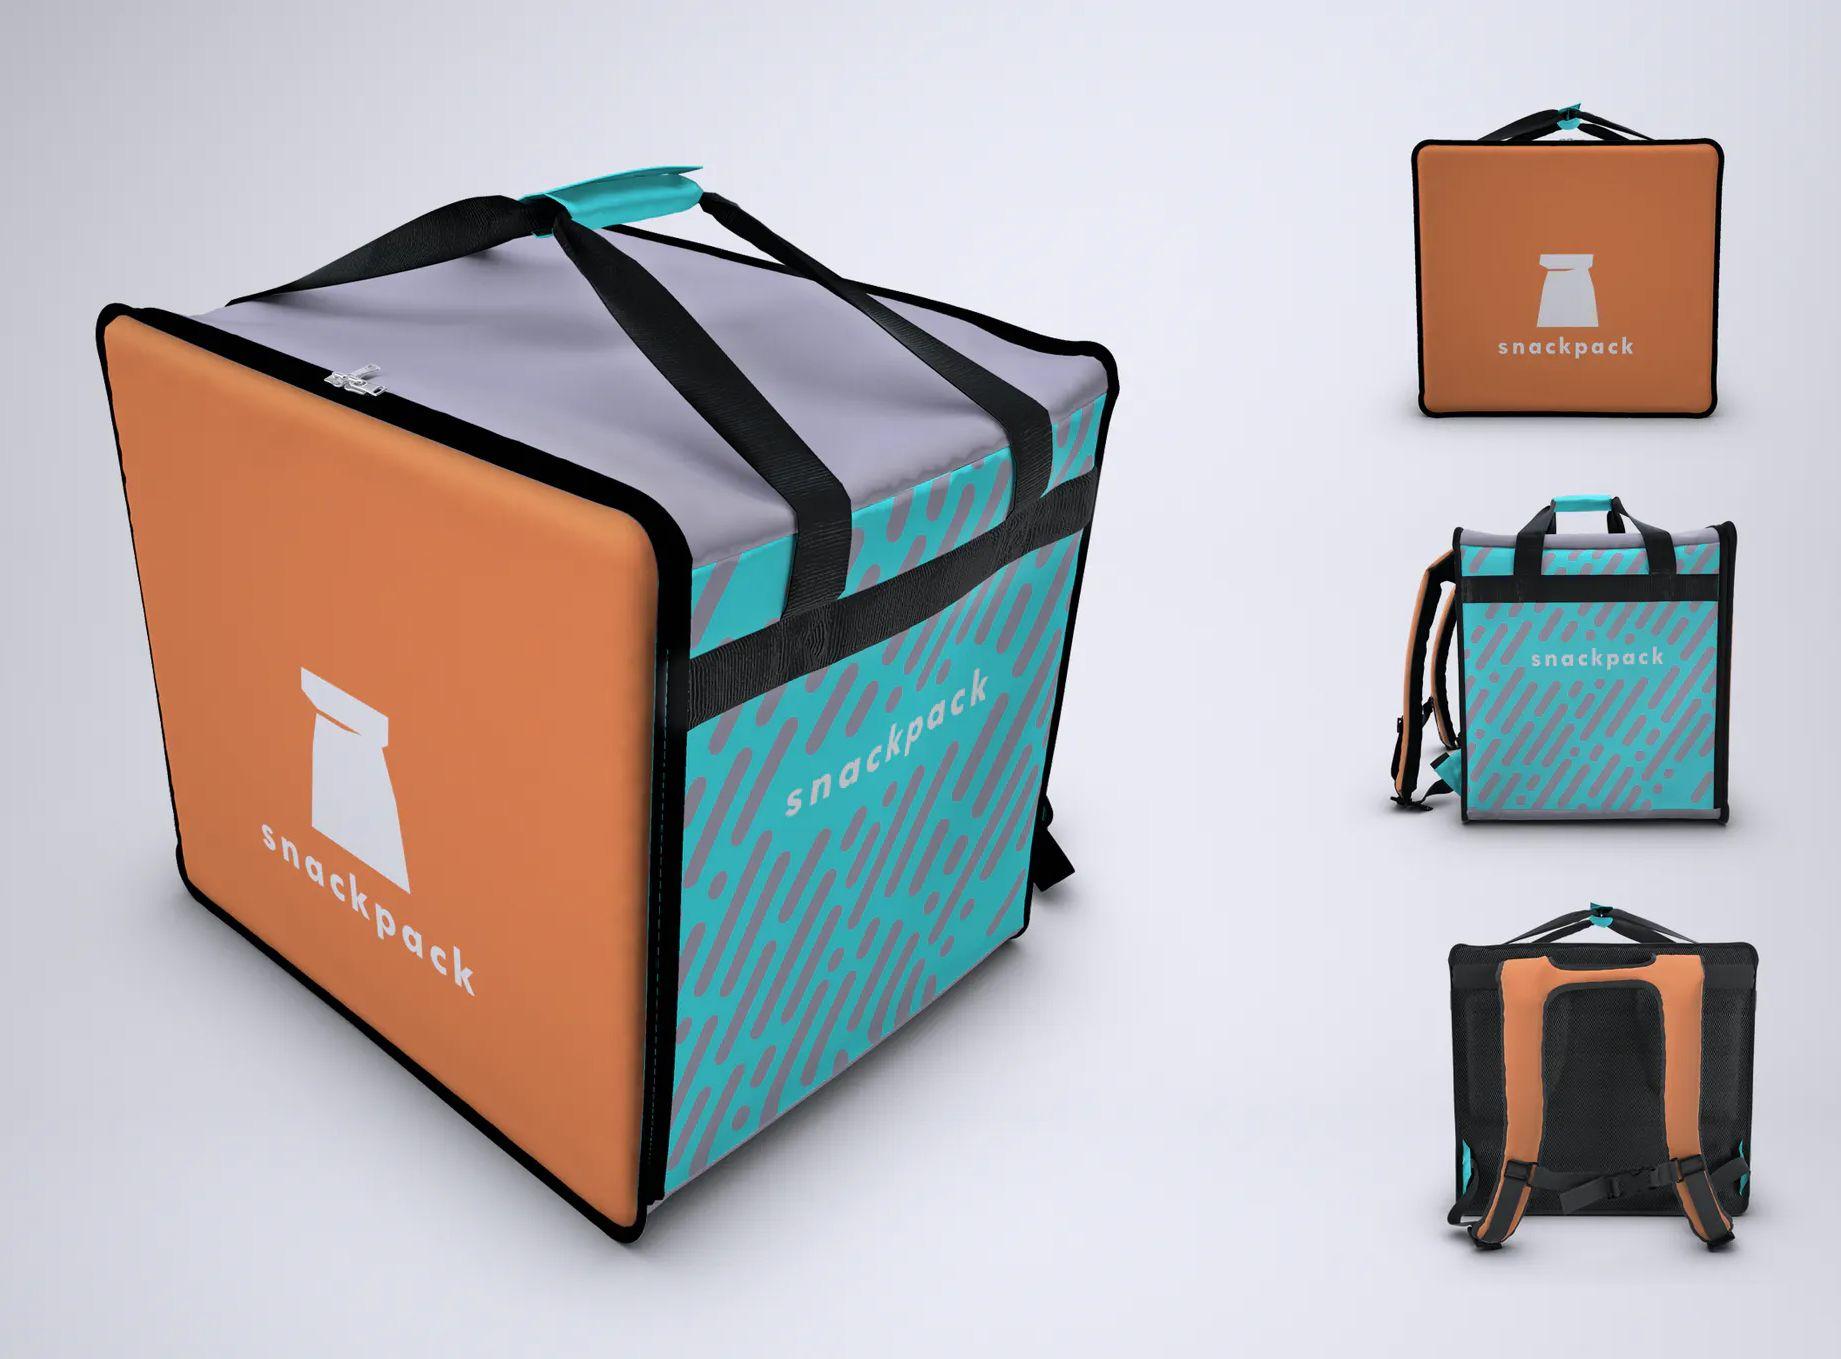 Download Food Delivery Backpack Mockup Psd Food Delivery Free Food Delivery Bag Mockup